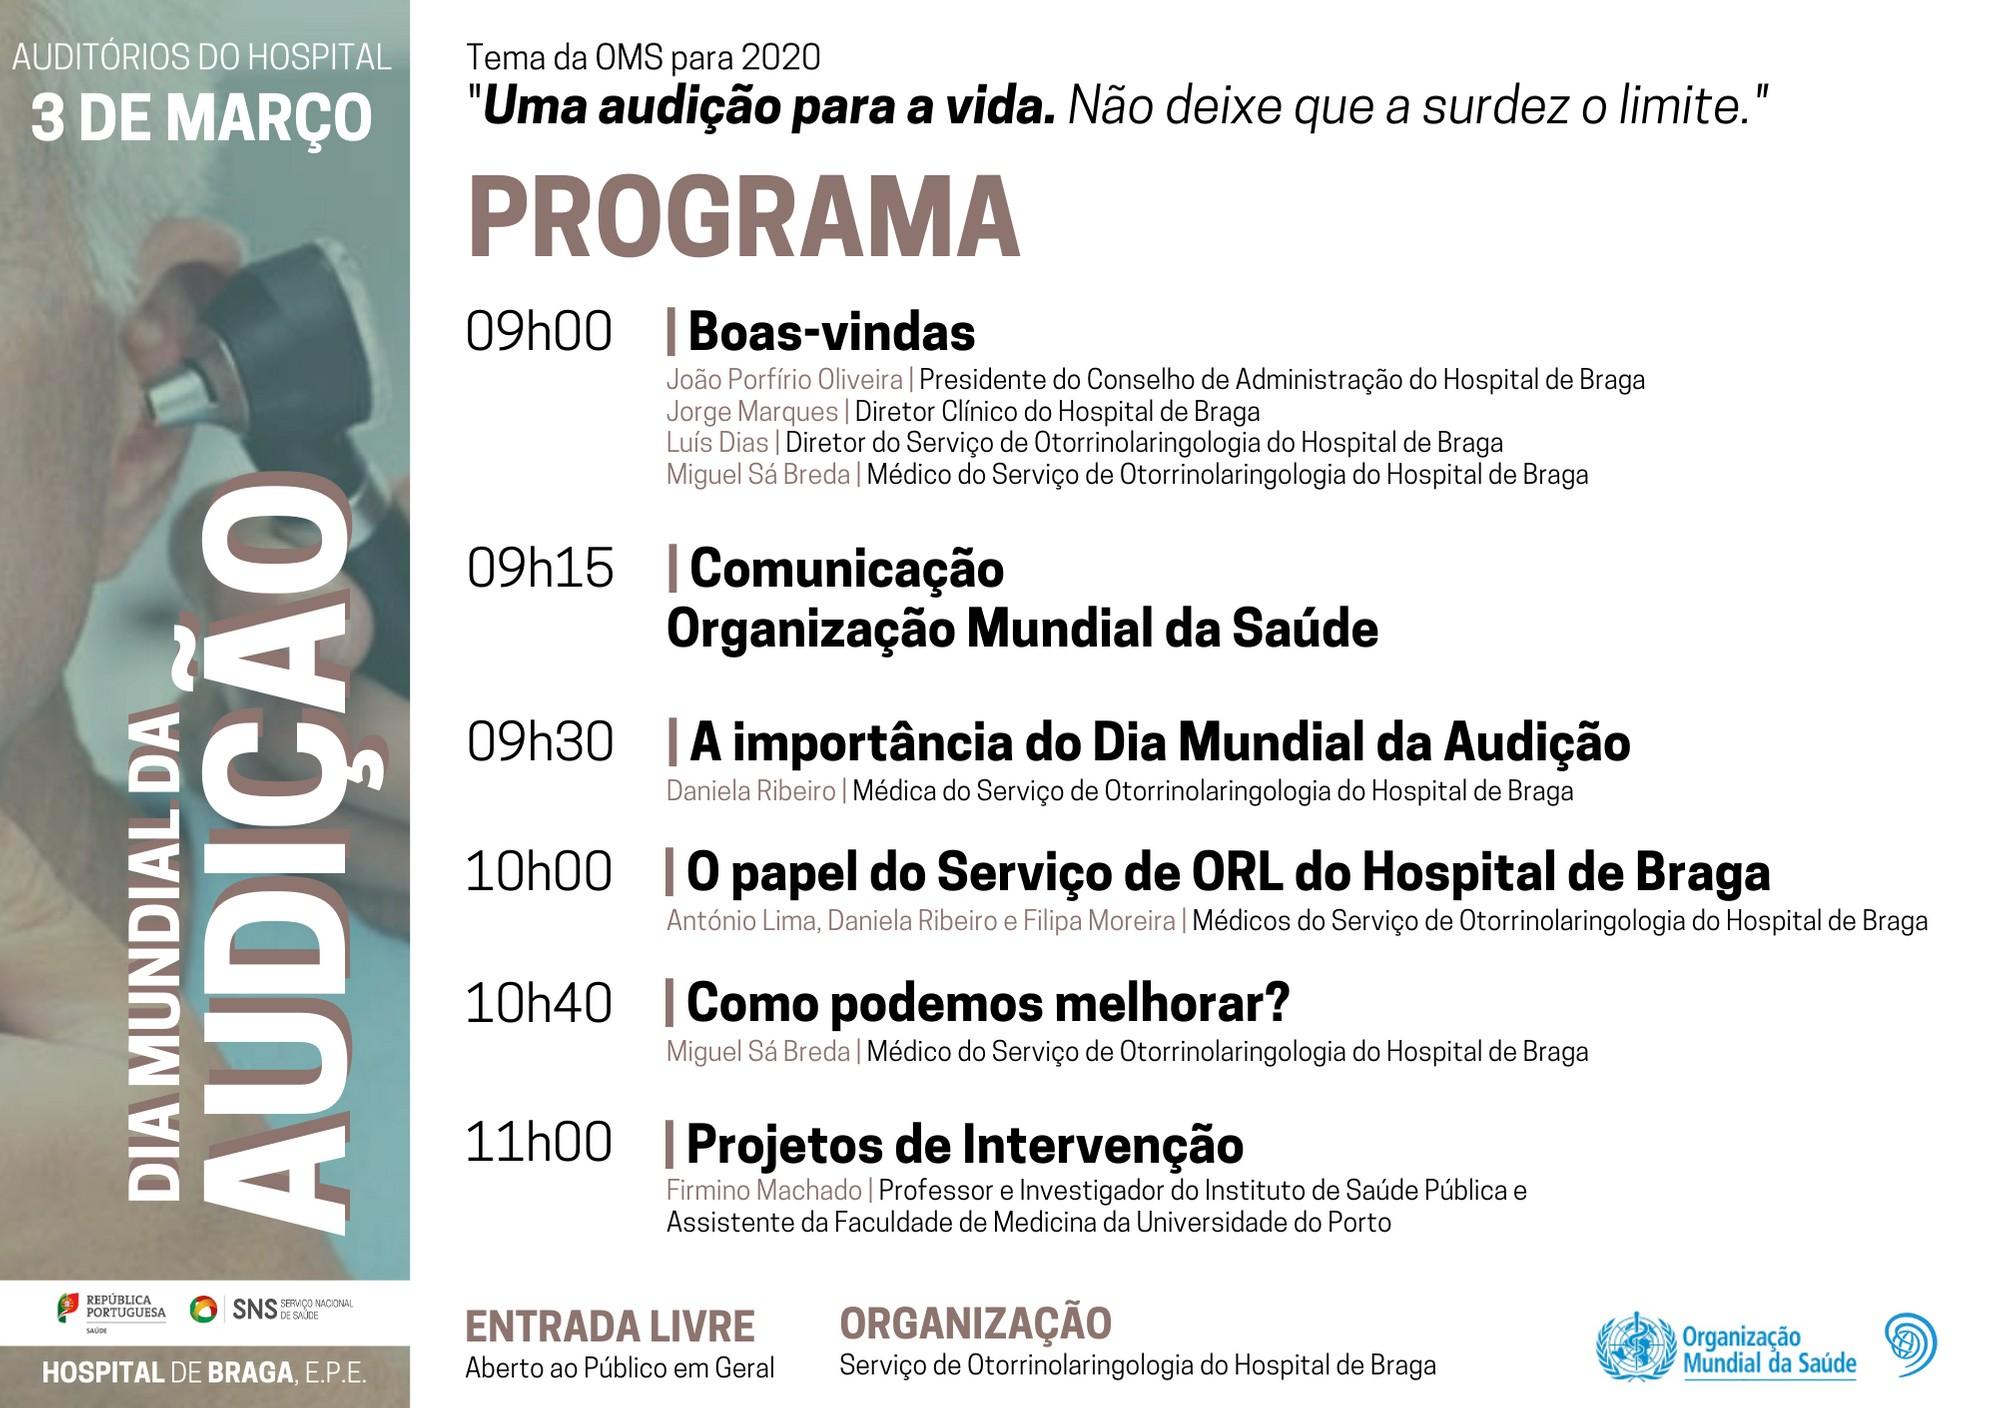 hospital-de-braga-Dia Mundial da Audição - Tertúlia